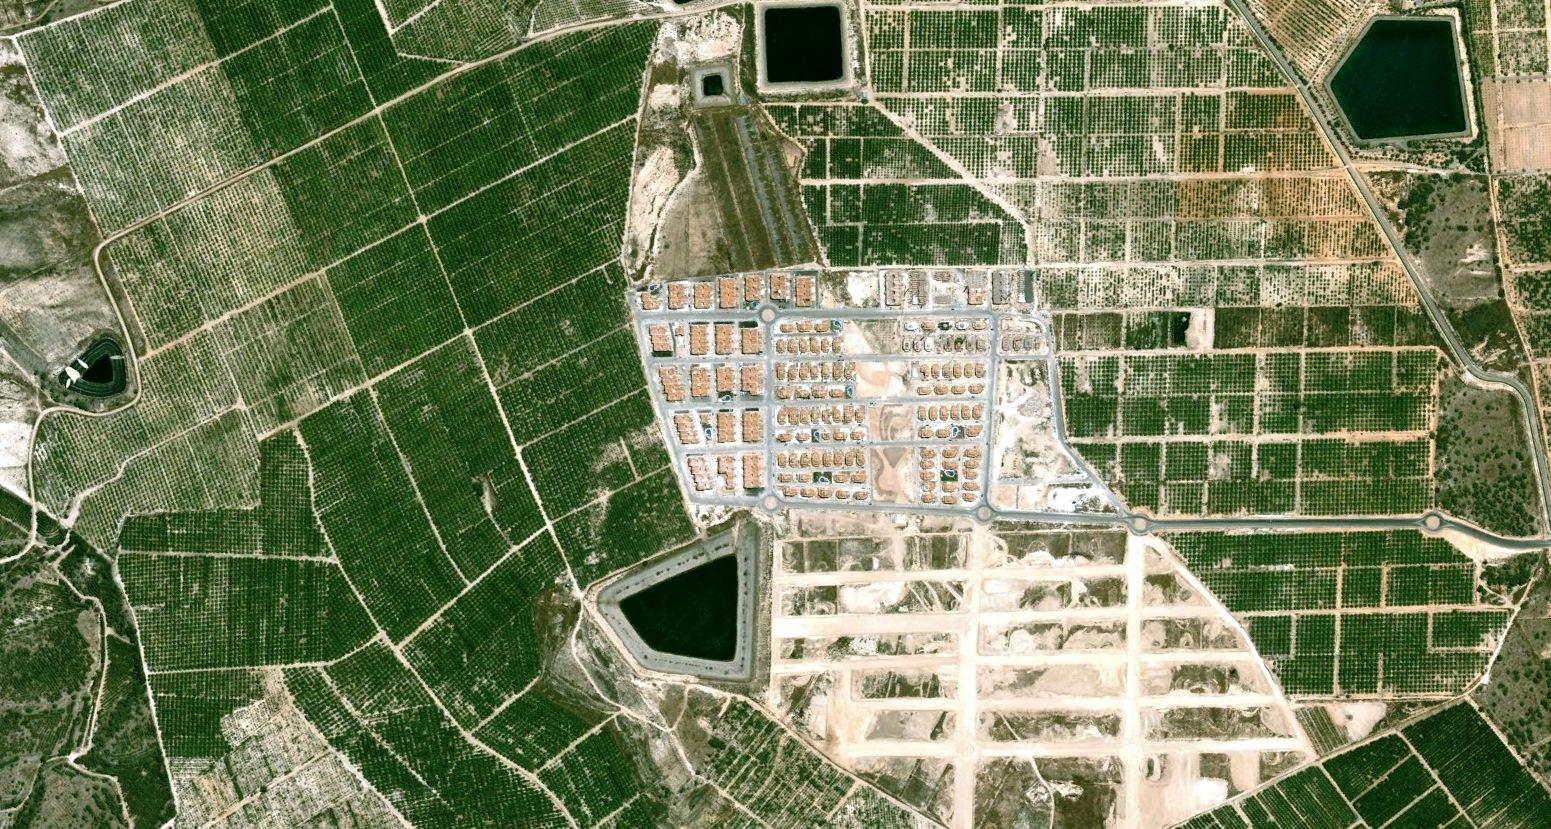 antes, urbanismo, foto aérea, desastre, urbanístico, planeamiento, urbano, construcción,Vistabella, Alicante